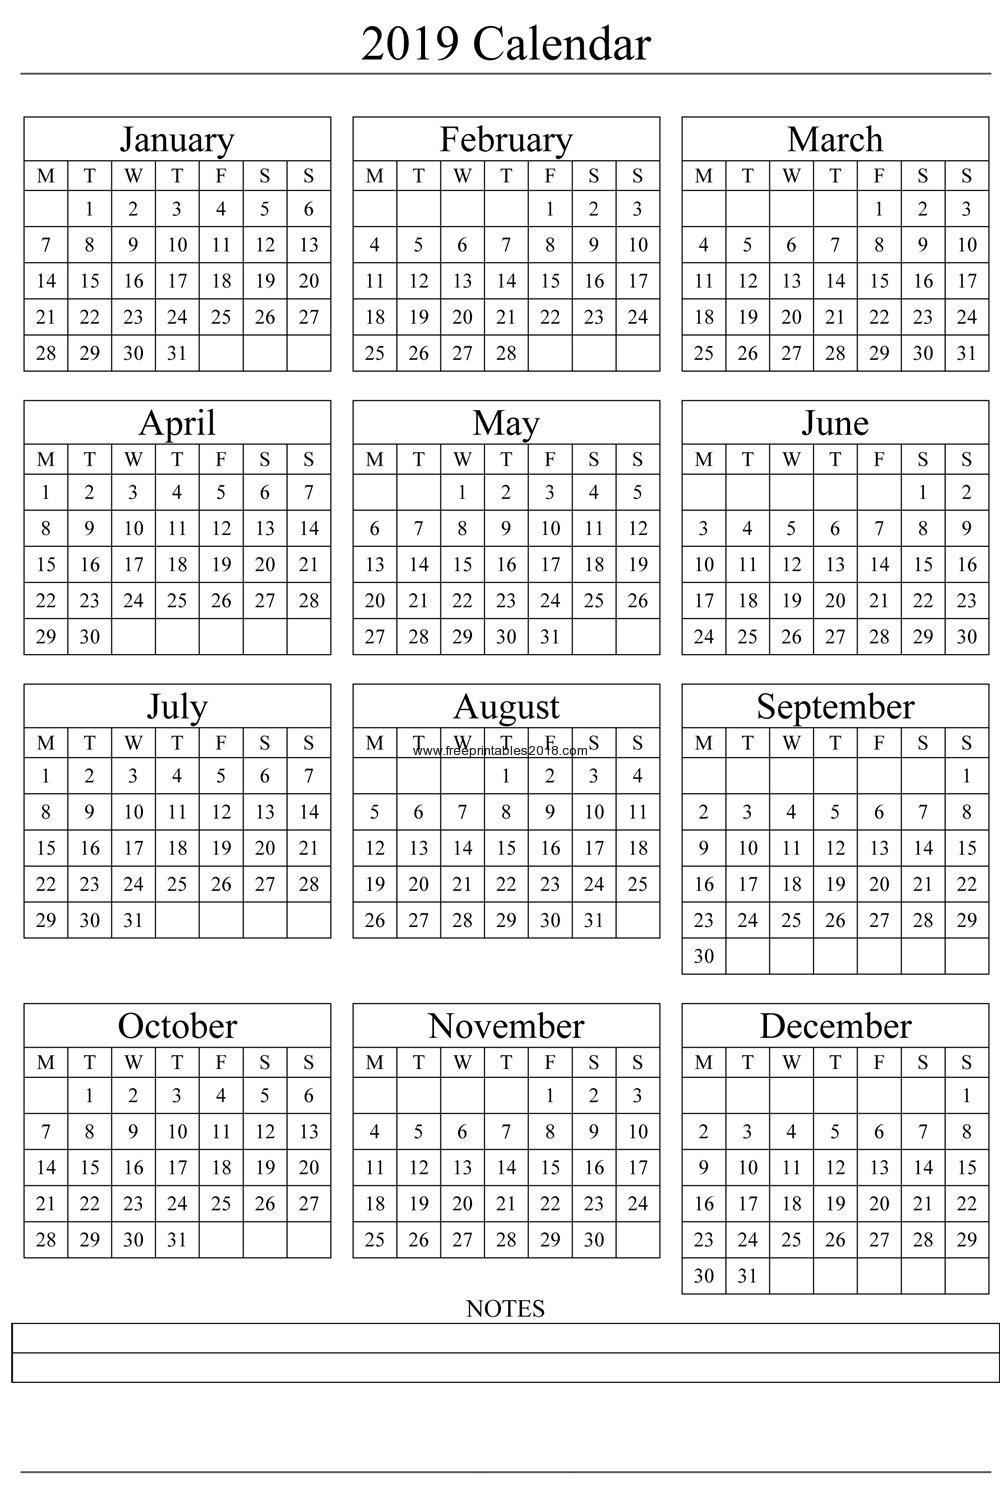 Free Printable Quarterly Calendar 2019 Calendar 2019 | Free